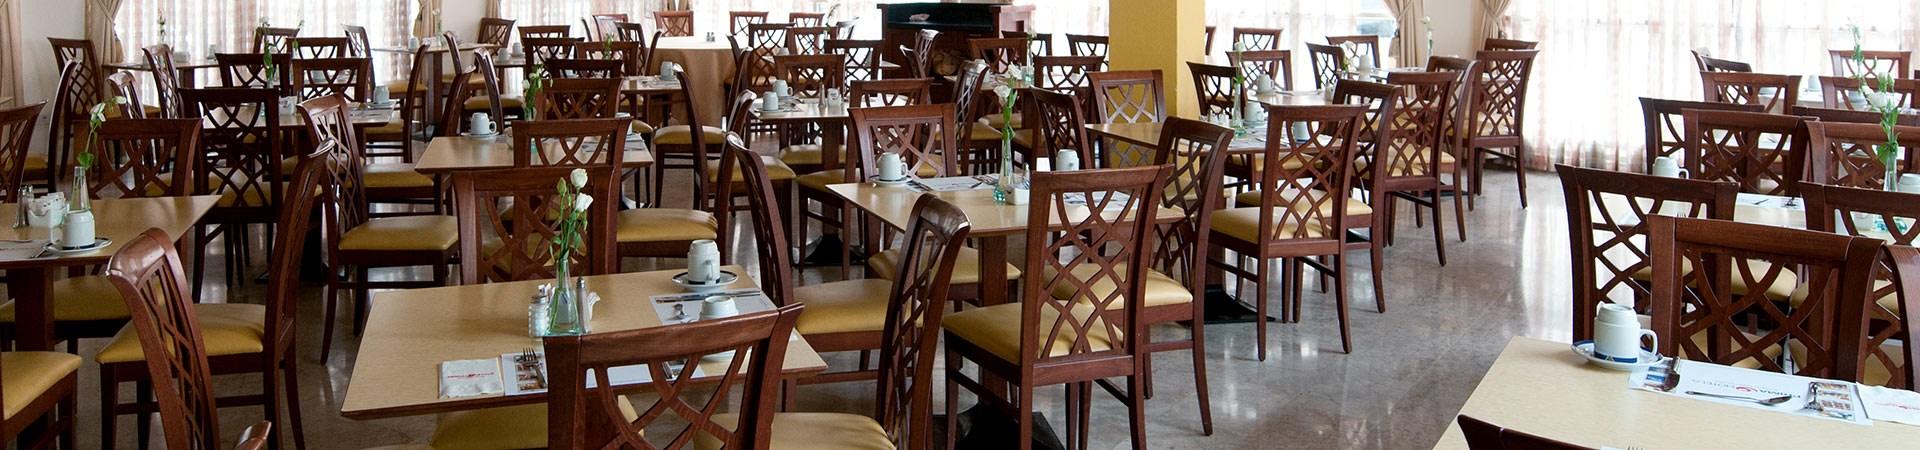 פרימה פאלאס - חדר אוכל